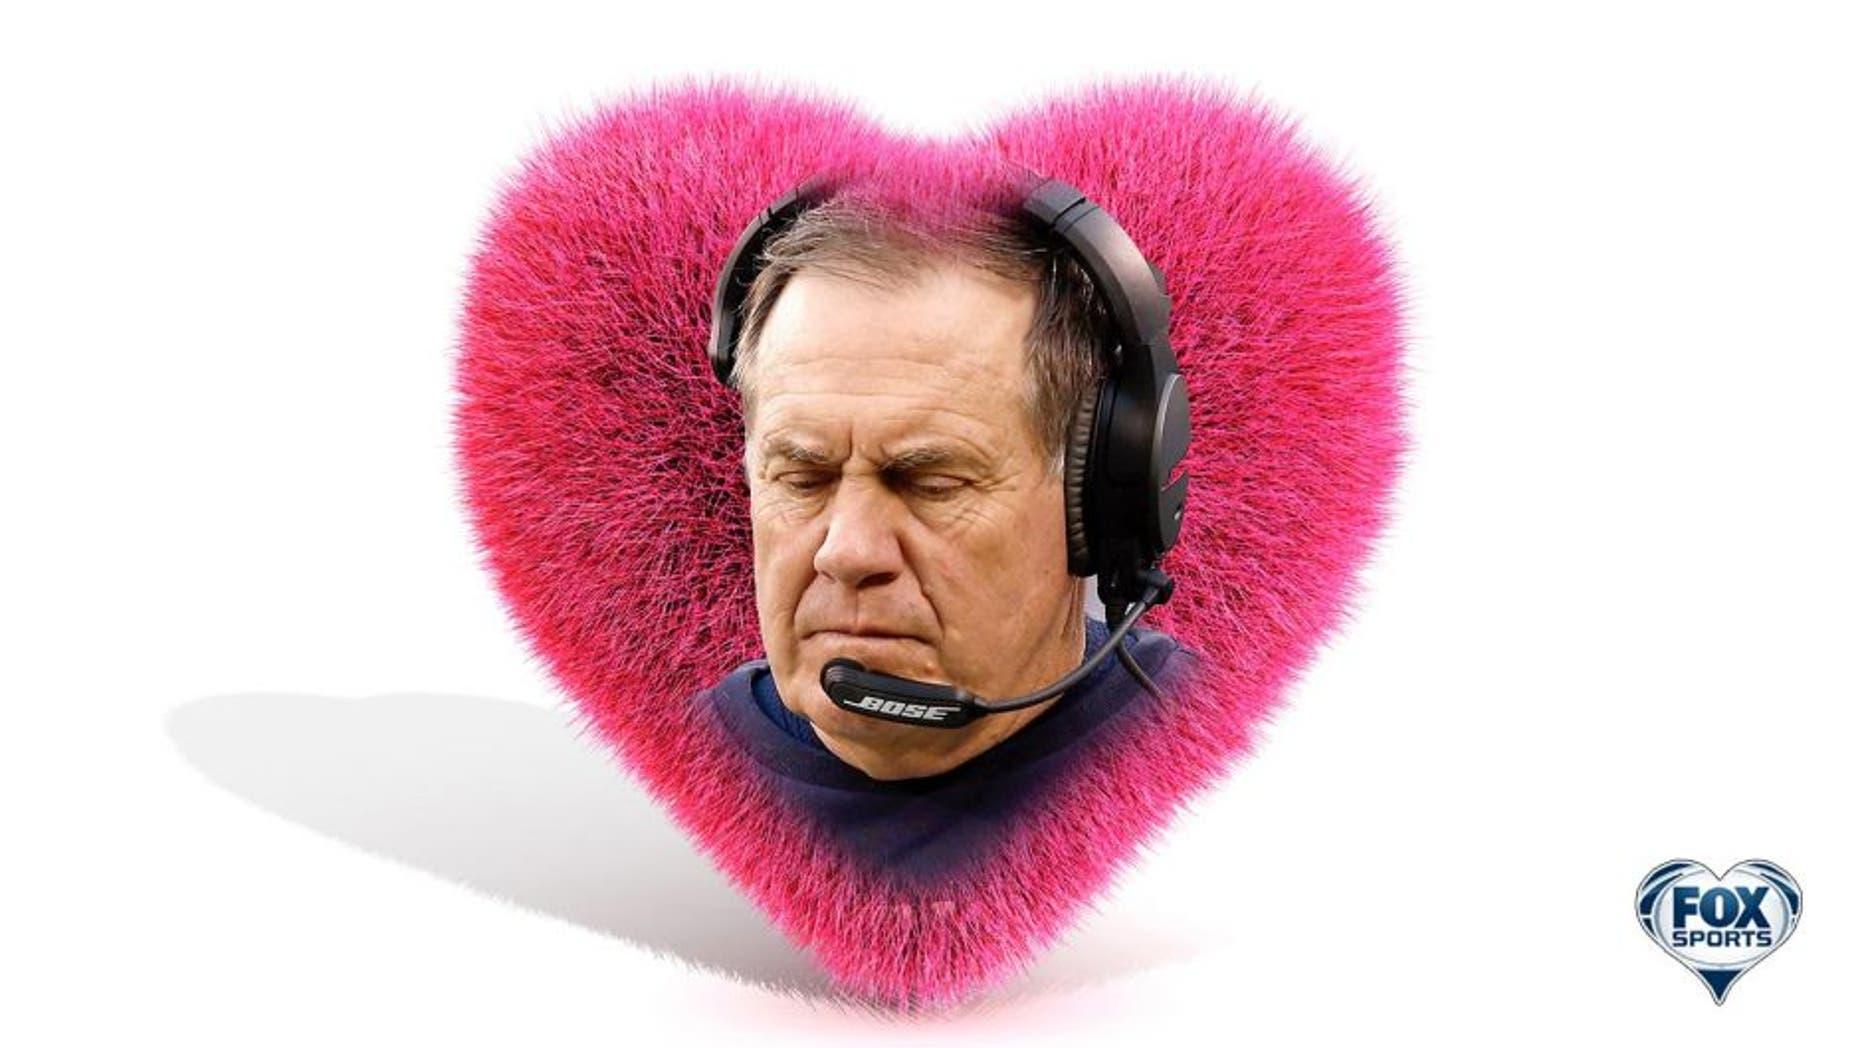 021316 NFL V-Day card Belichick inside a foofy pink heart EH PI